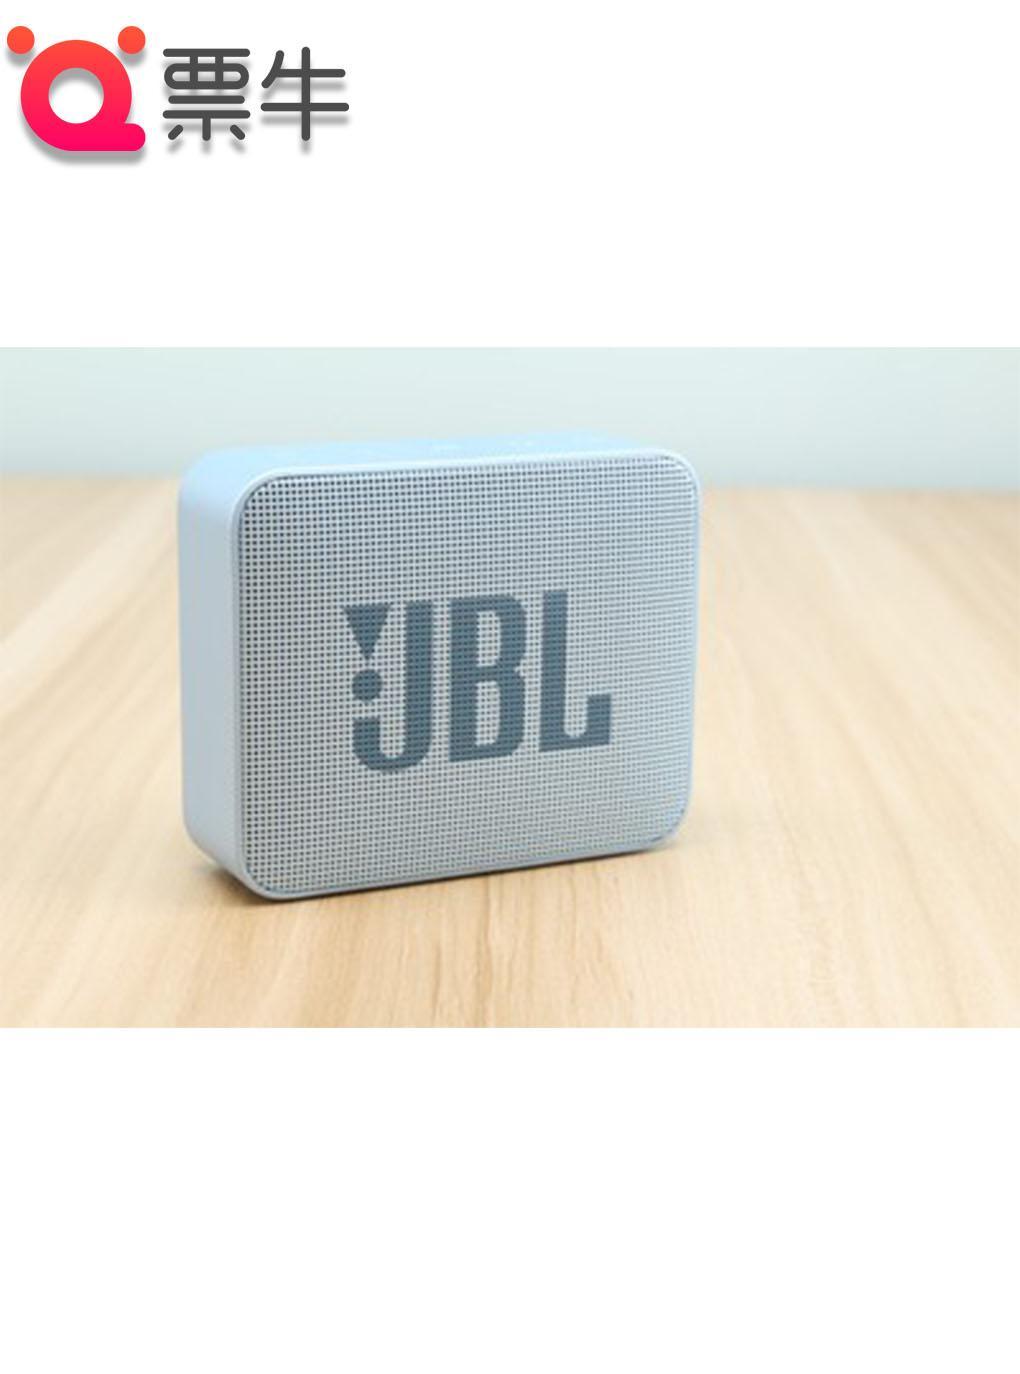 JBL GO2金砖二代无线蓝牙音箱